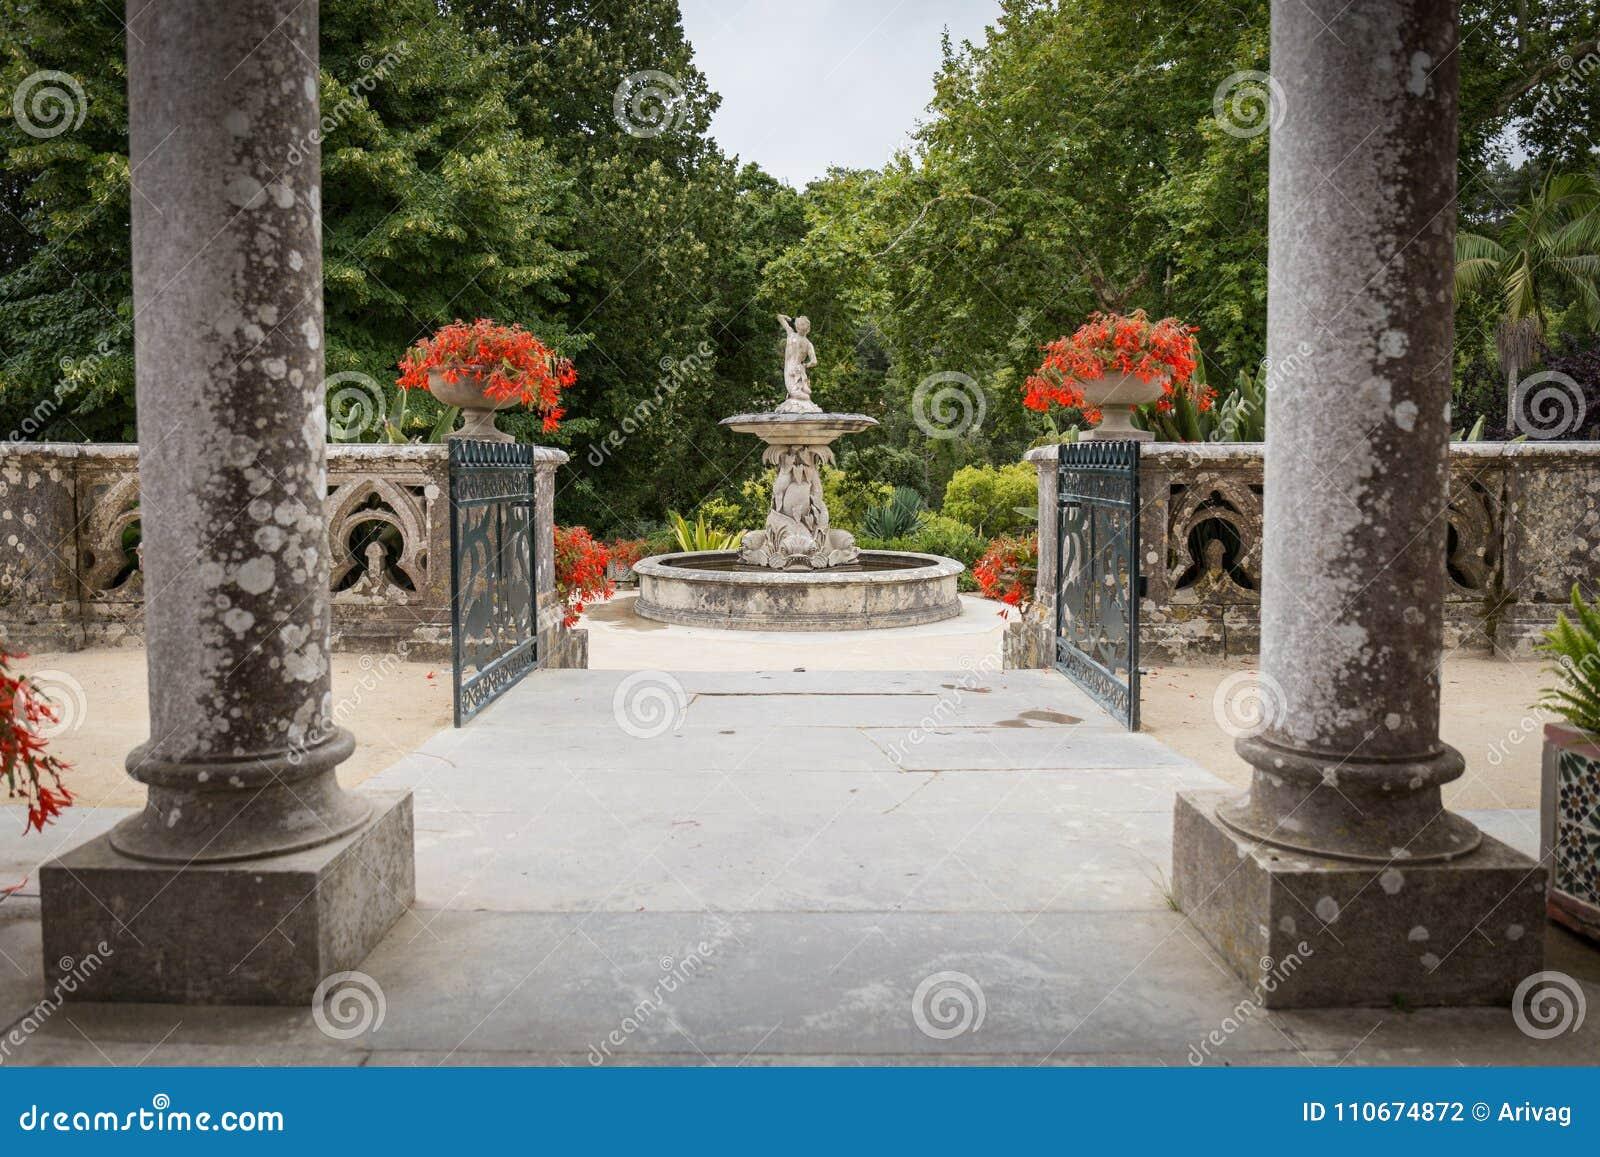 Gärten des Monserrate-Palastes in Sintra